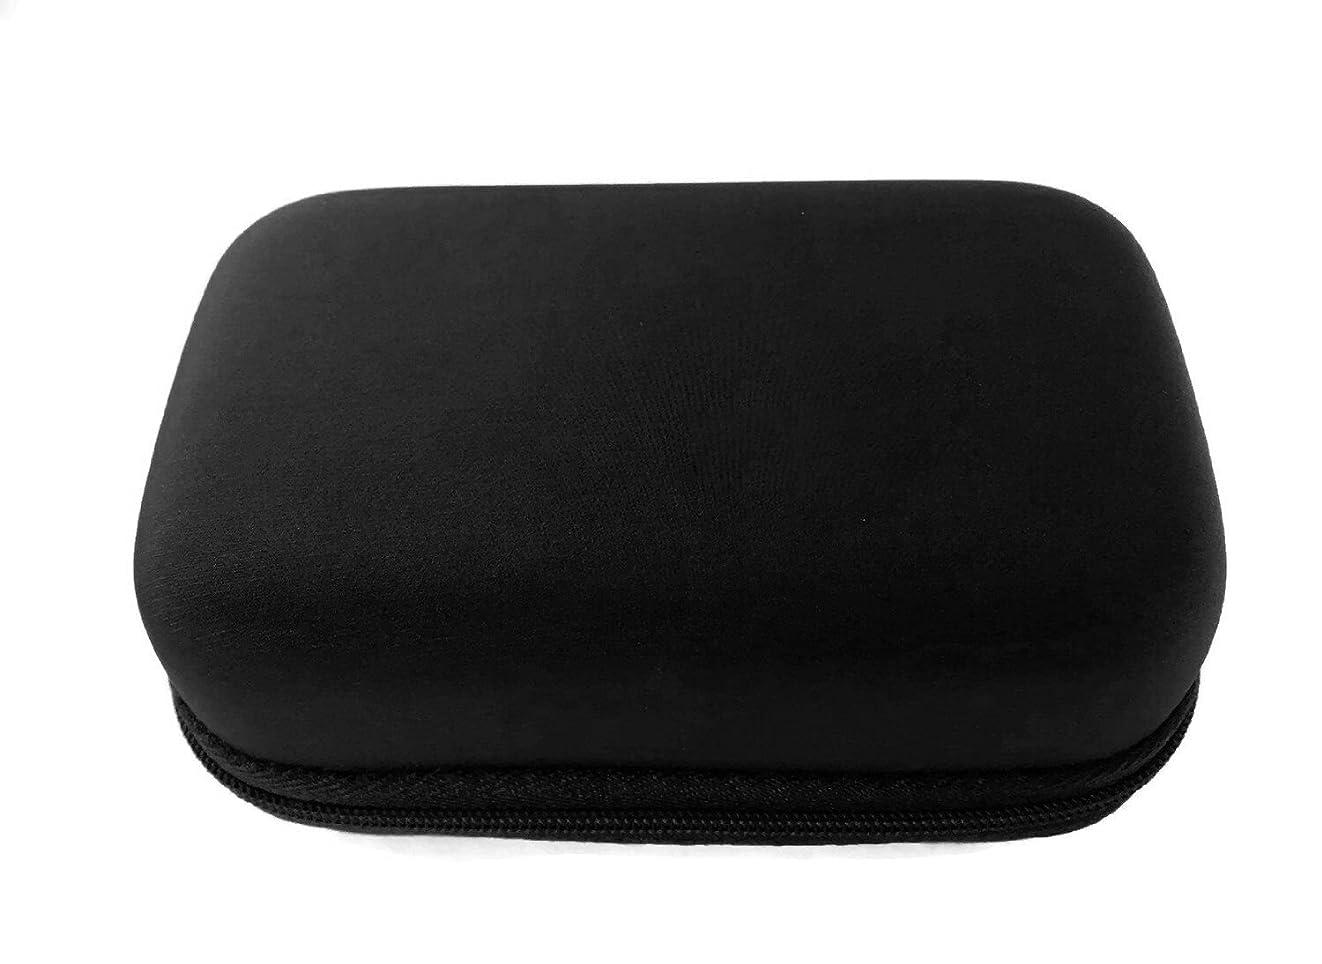 勧める水素ベッドを作るエッセンシャルオイル ポーチ スージングテラ ハード(S) (ブラック(黒))